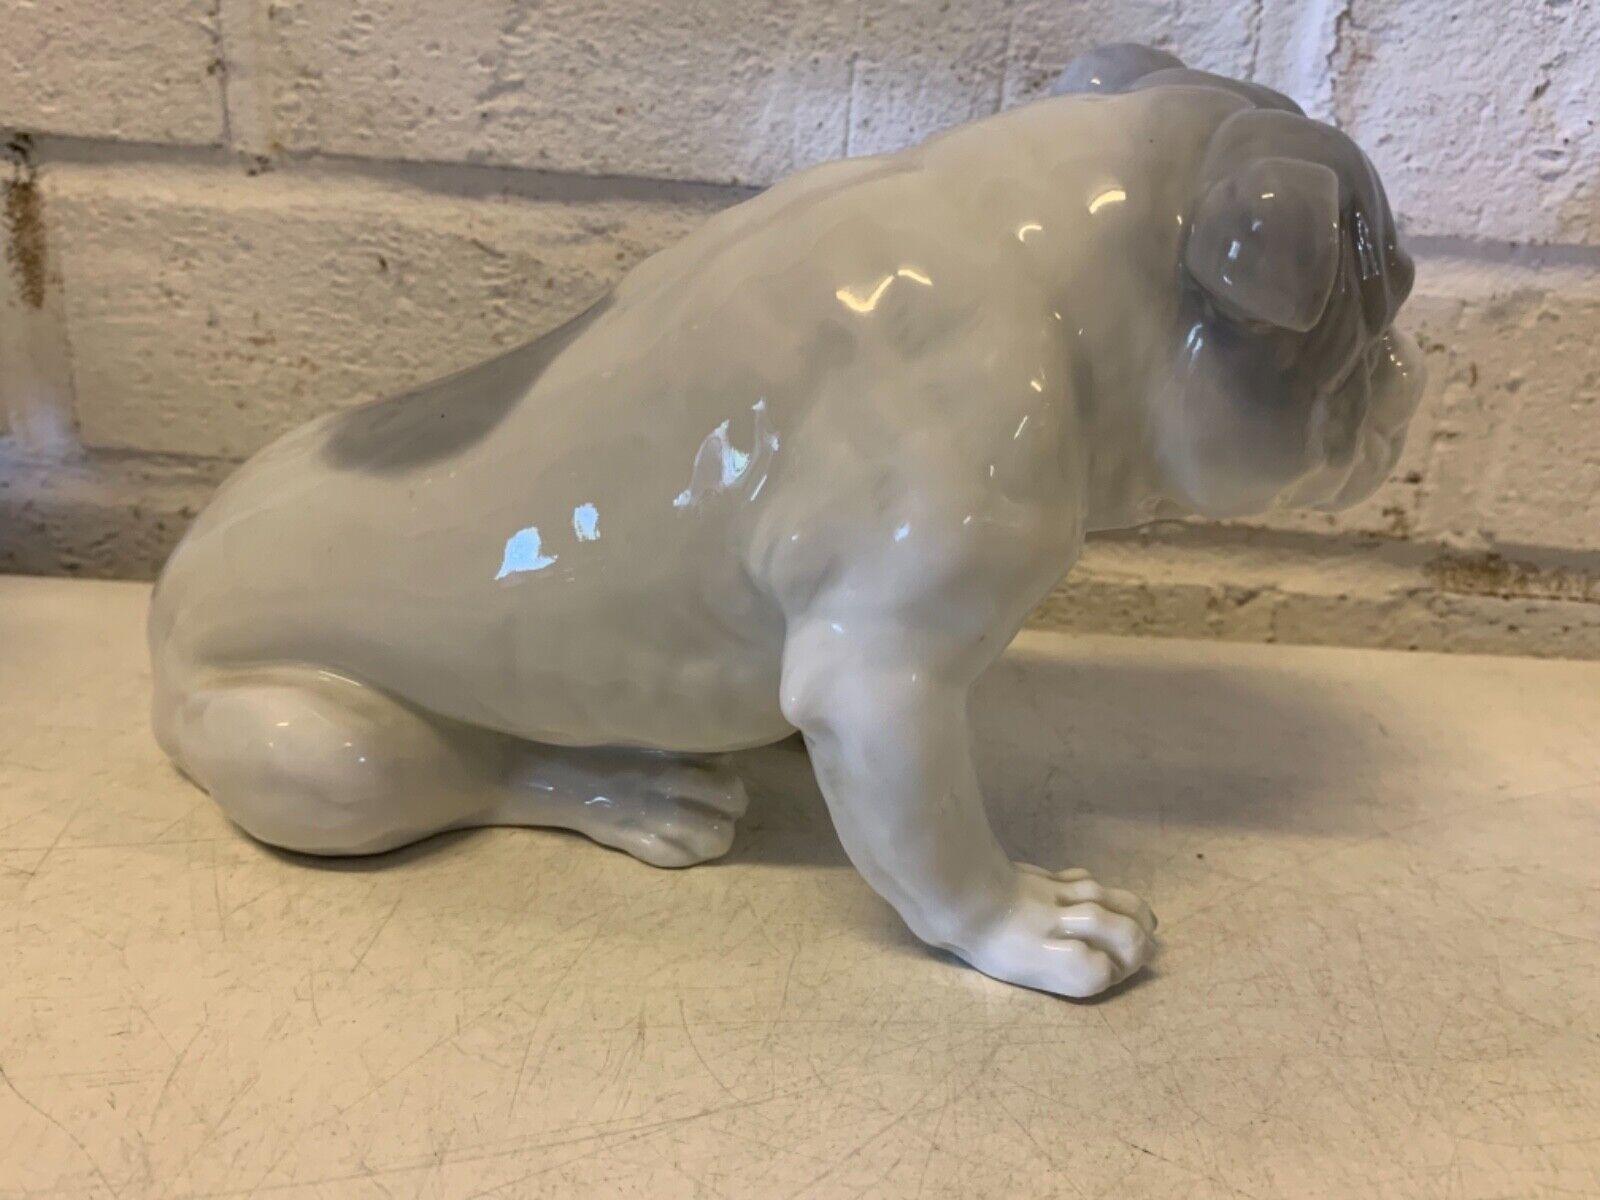 Antique porcelaine bulldog anglais figurine par gebruder heubach